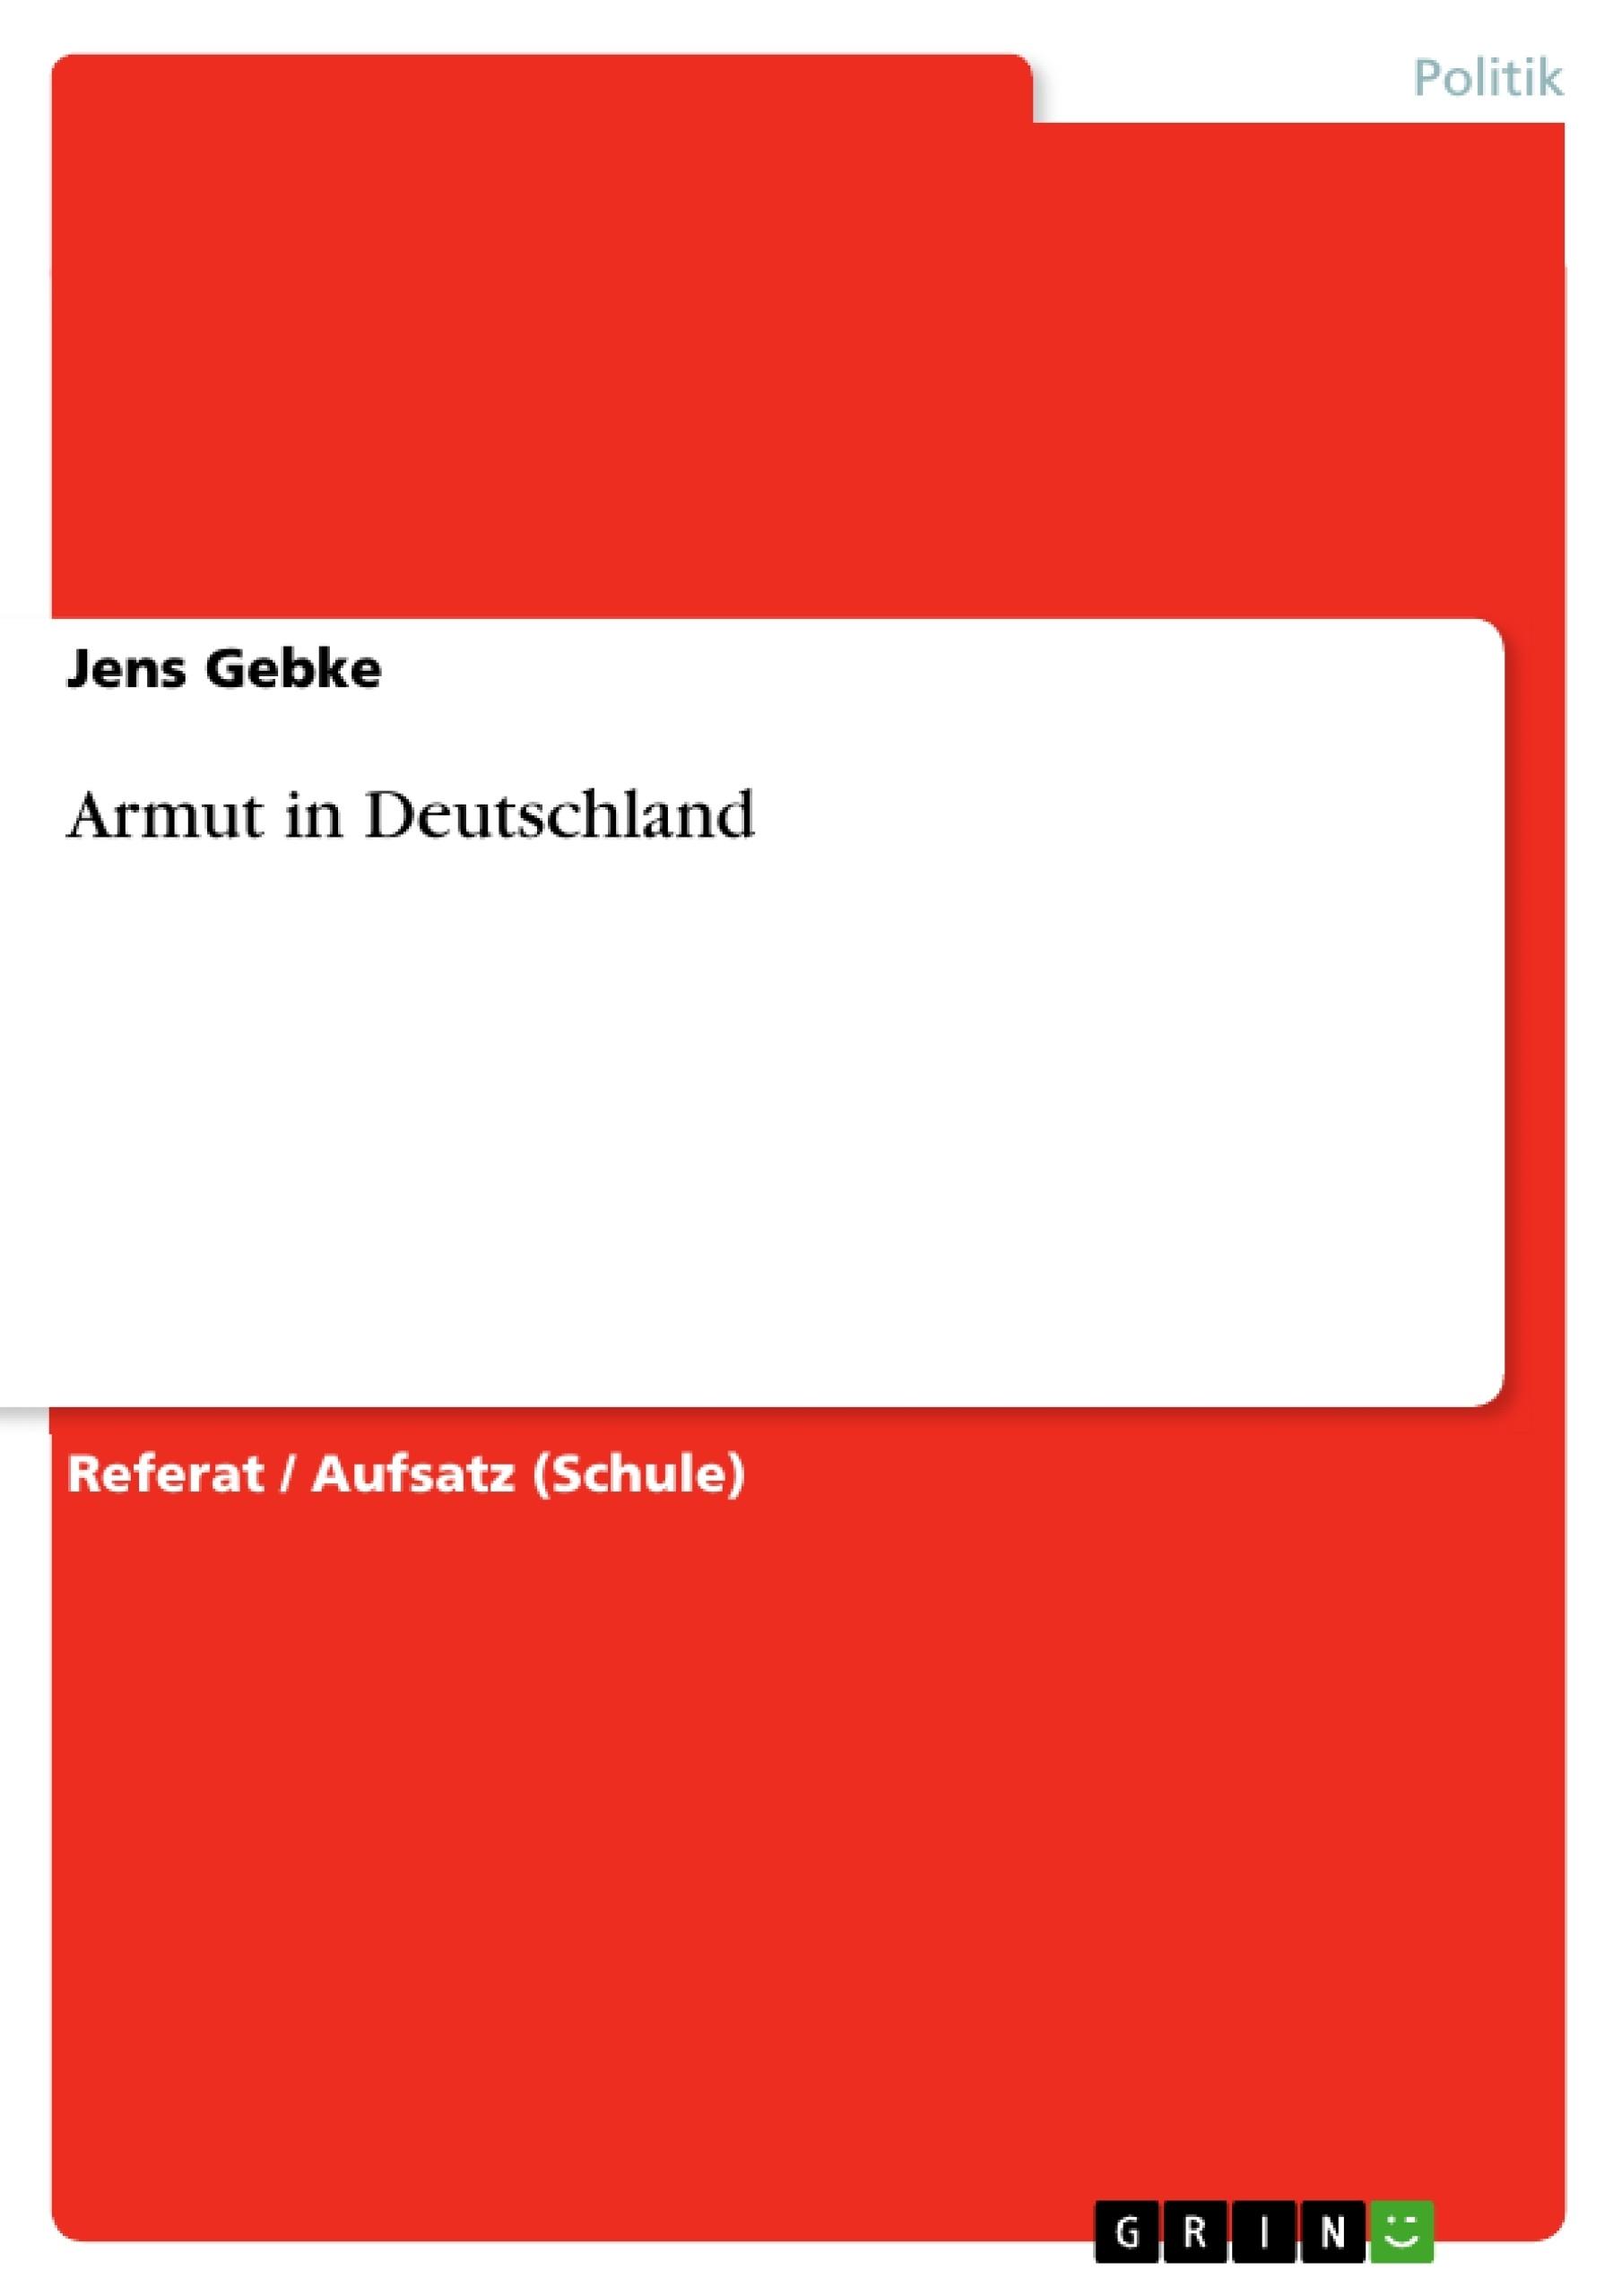 essay armut in deutschland